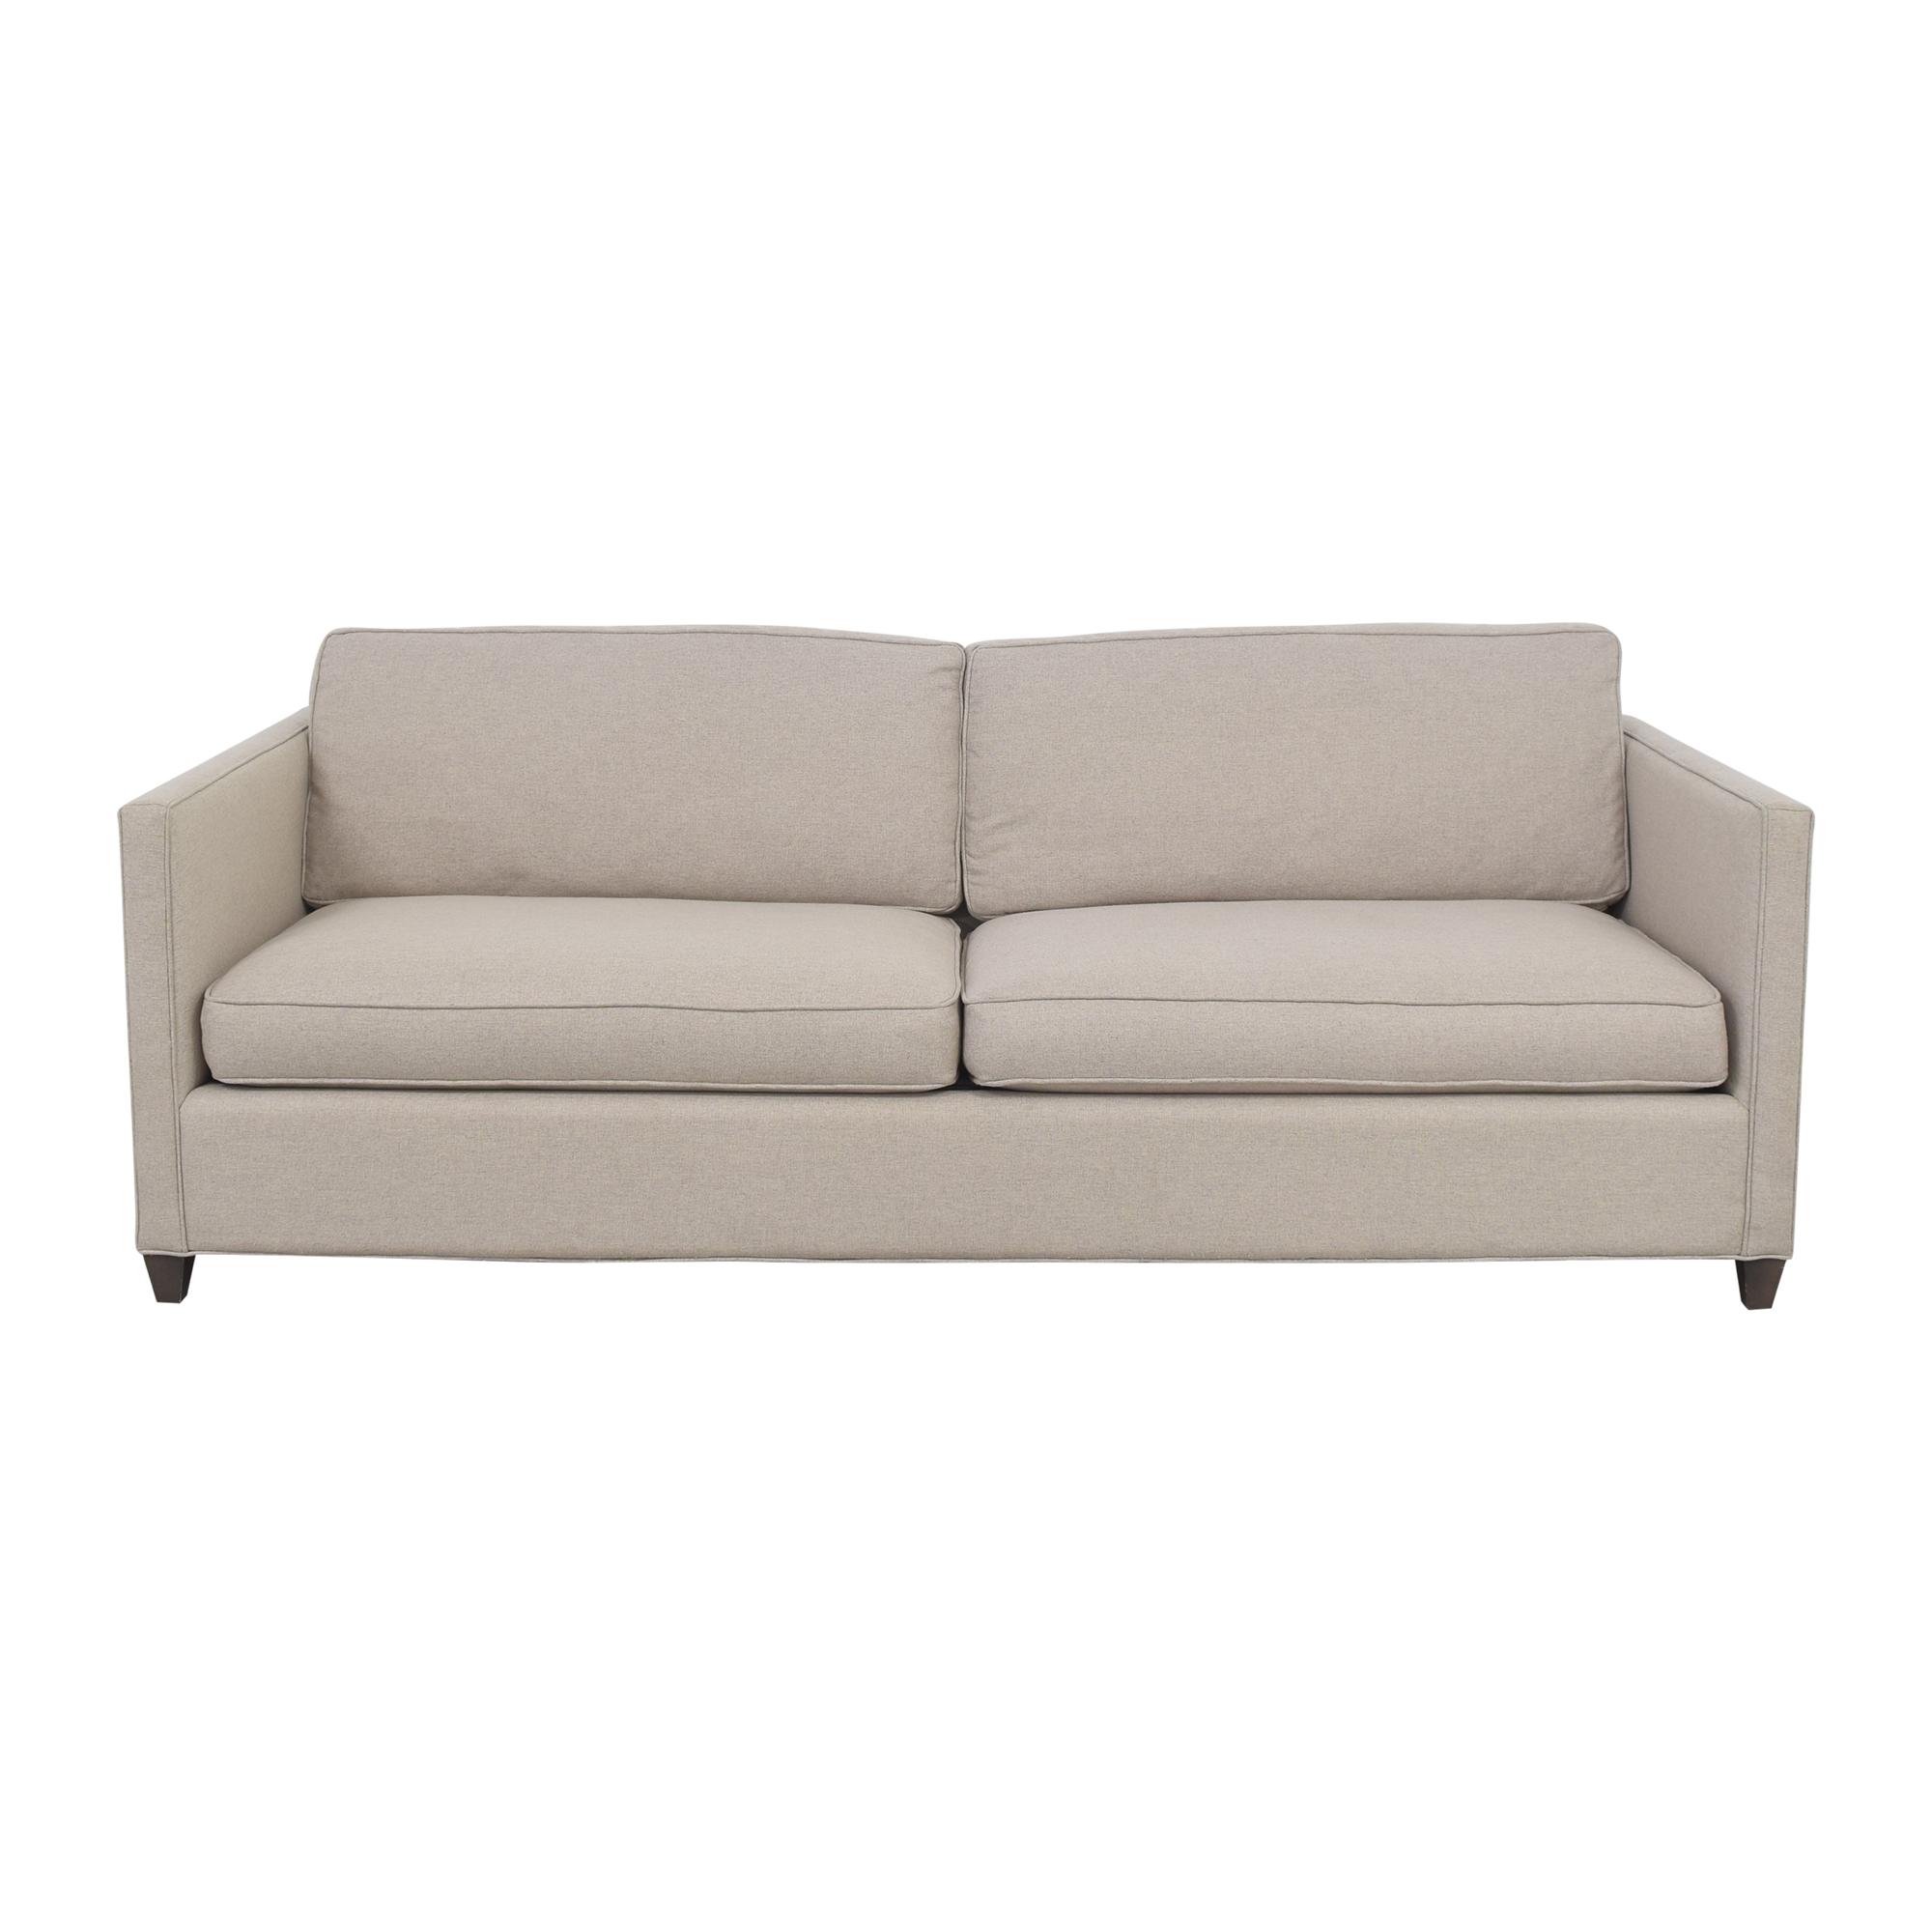 Crate & Barrel Crate & Barrel Dryden Sofa light grey